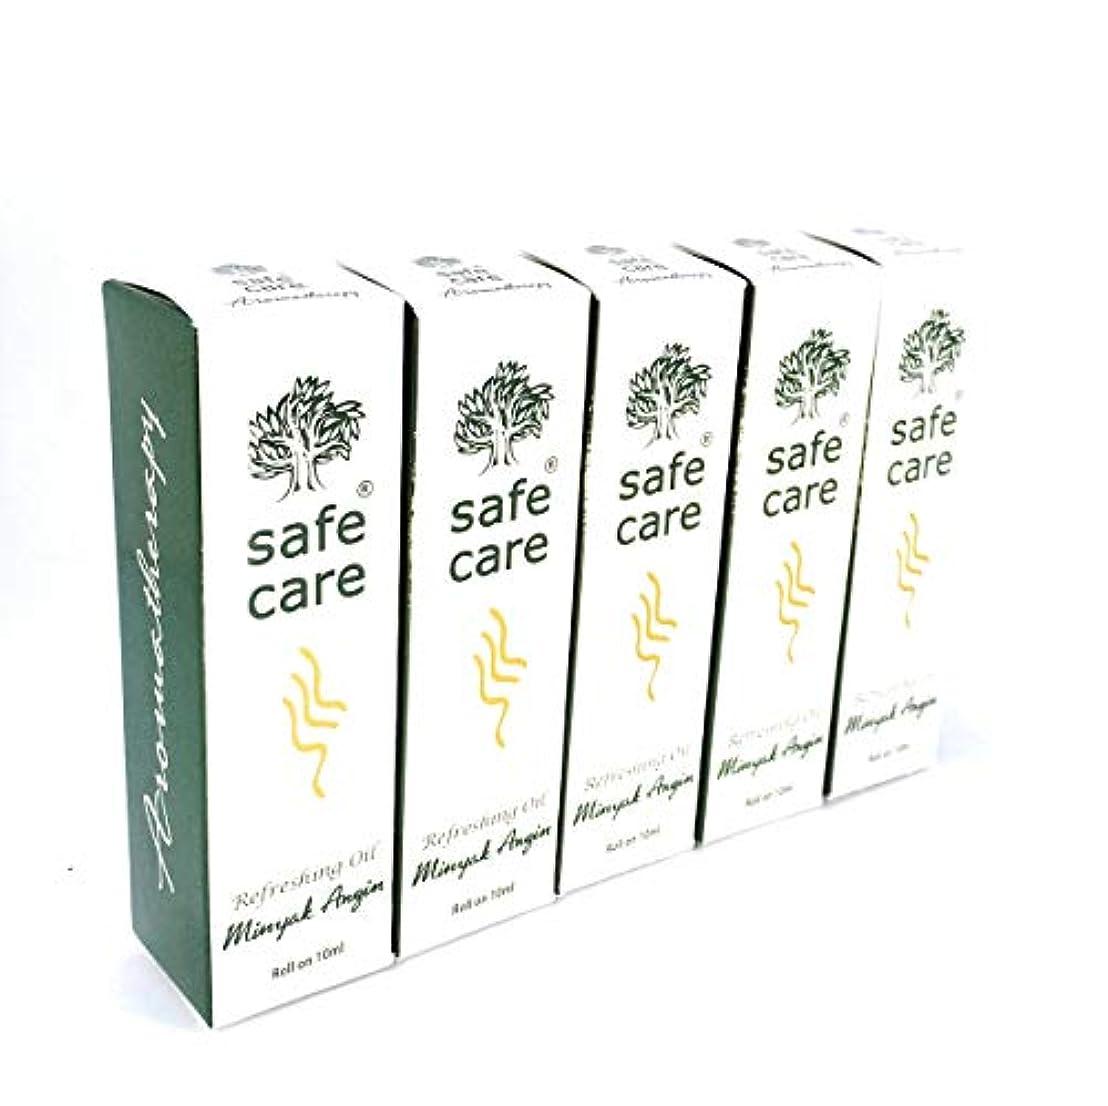 放棄小競り合い大学院Safe Care セイフケア Aromatherapy Refreshing Oil アロマテラピー リフレッシュオイル ロールオン 10ml × 5本セット [並行輸入品][海外直送品]